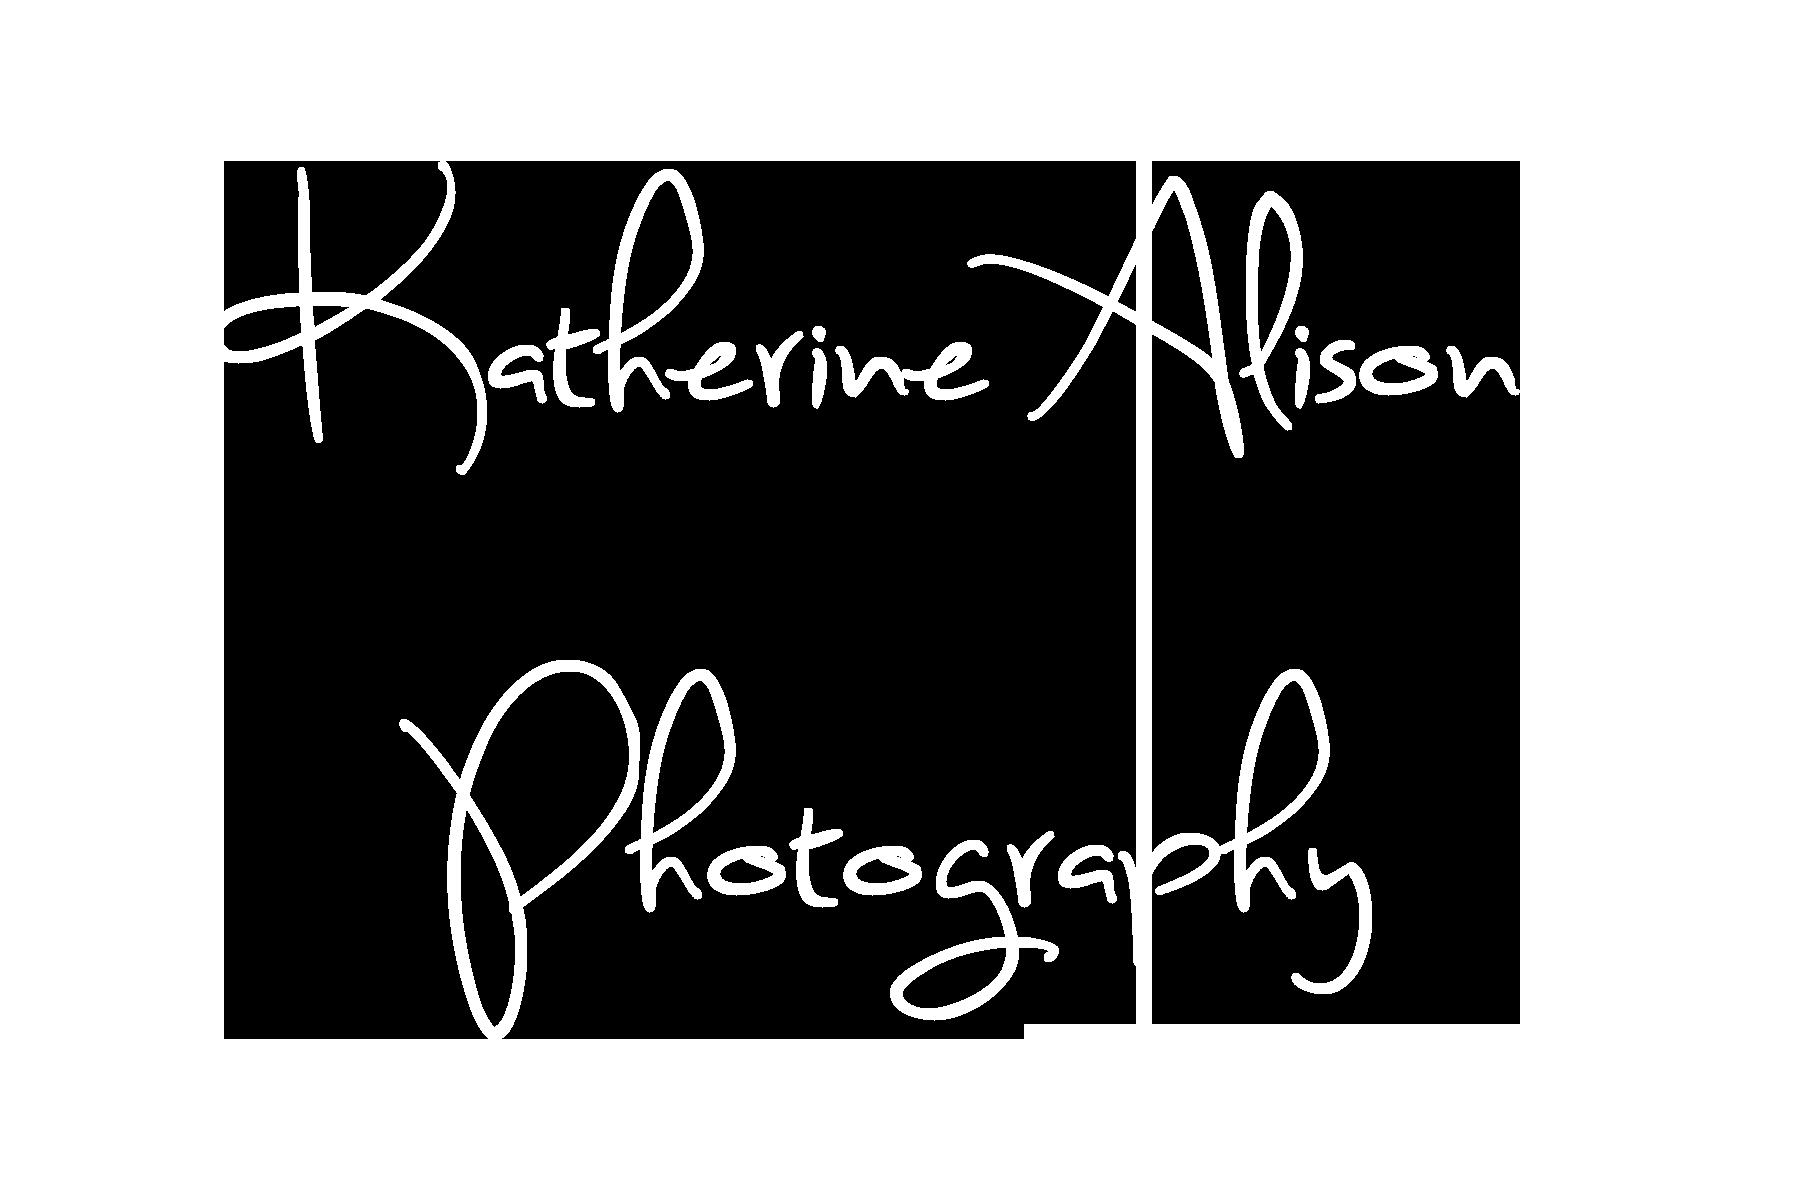 Katherine Alison Photography